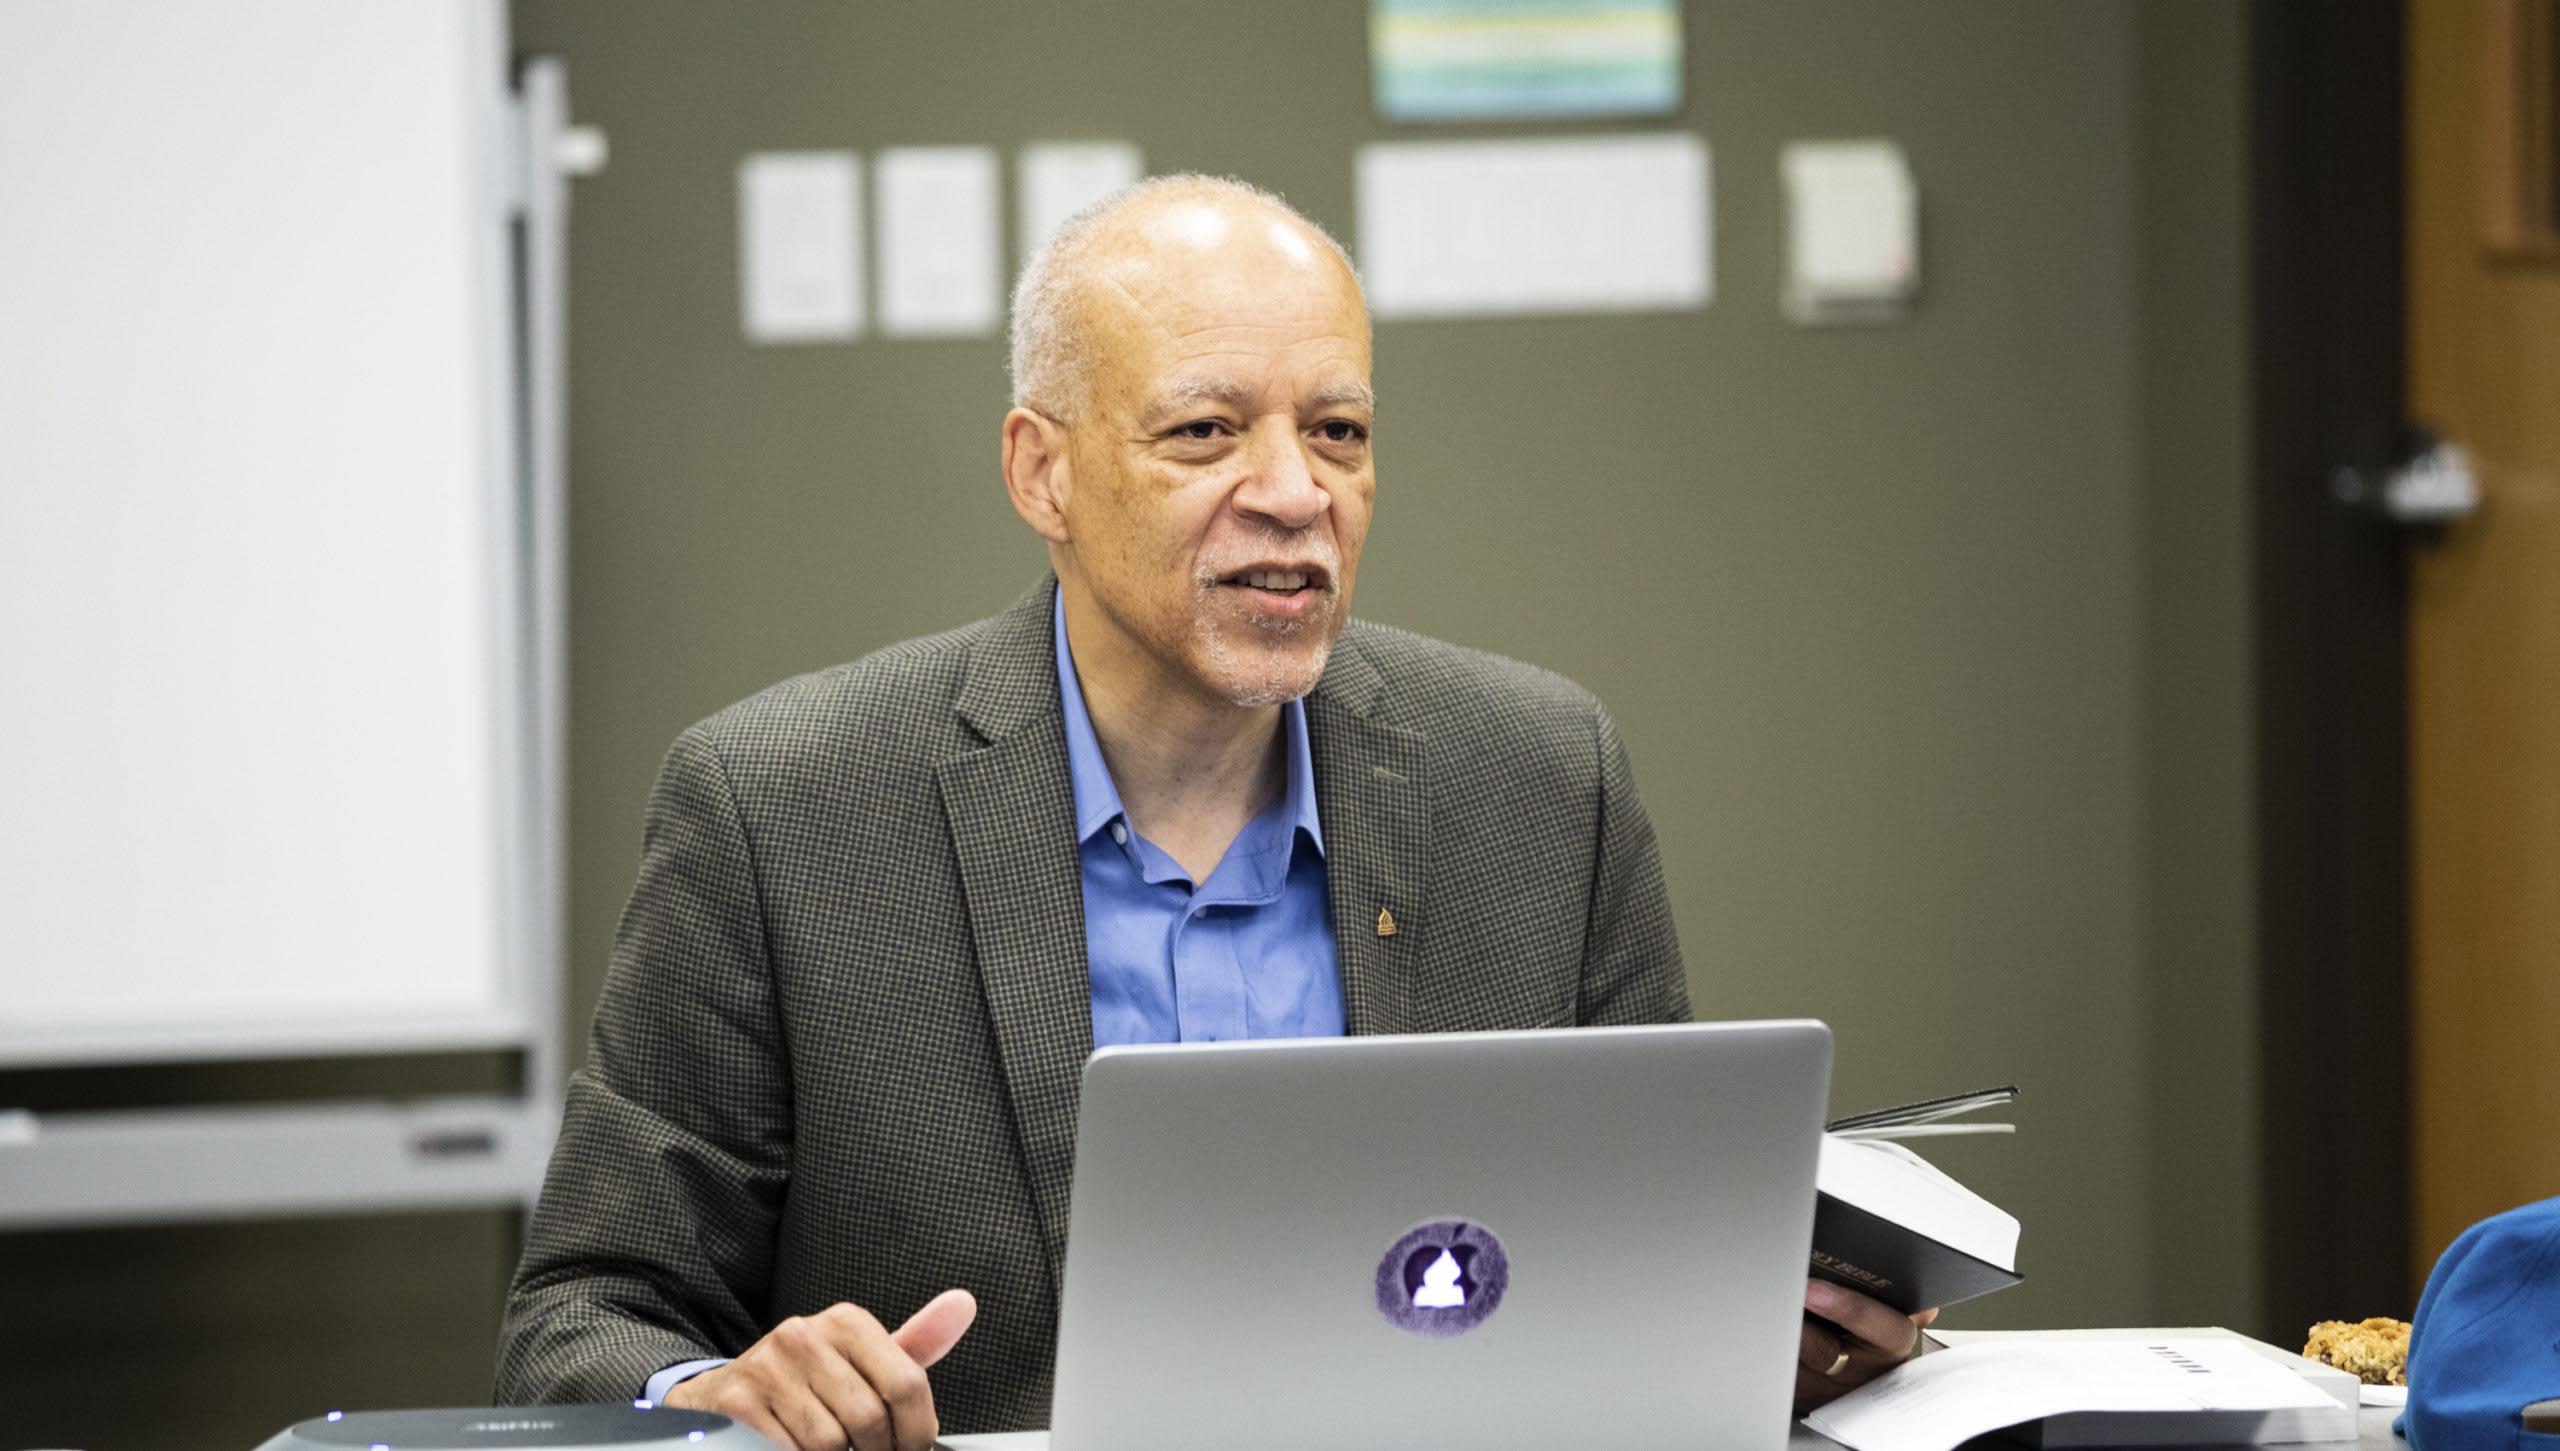 Dr. Orr teaching behind a laptop